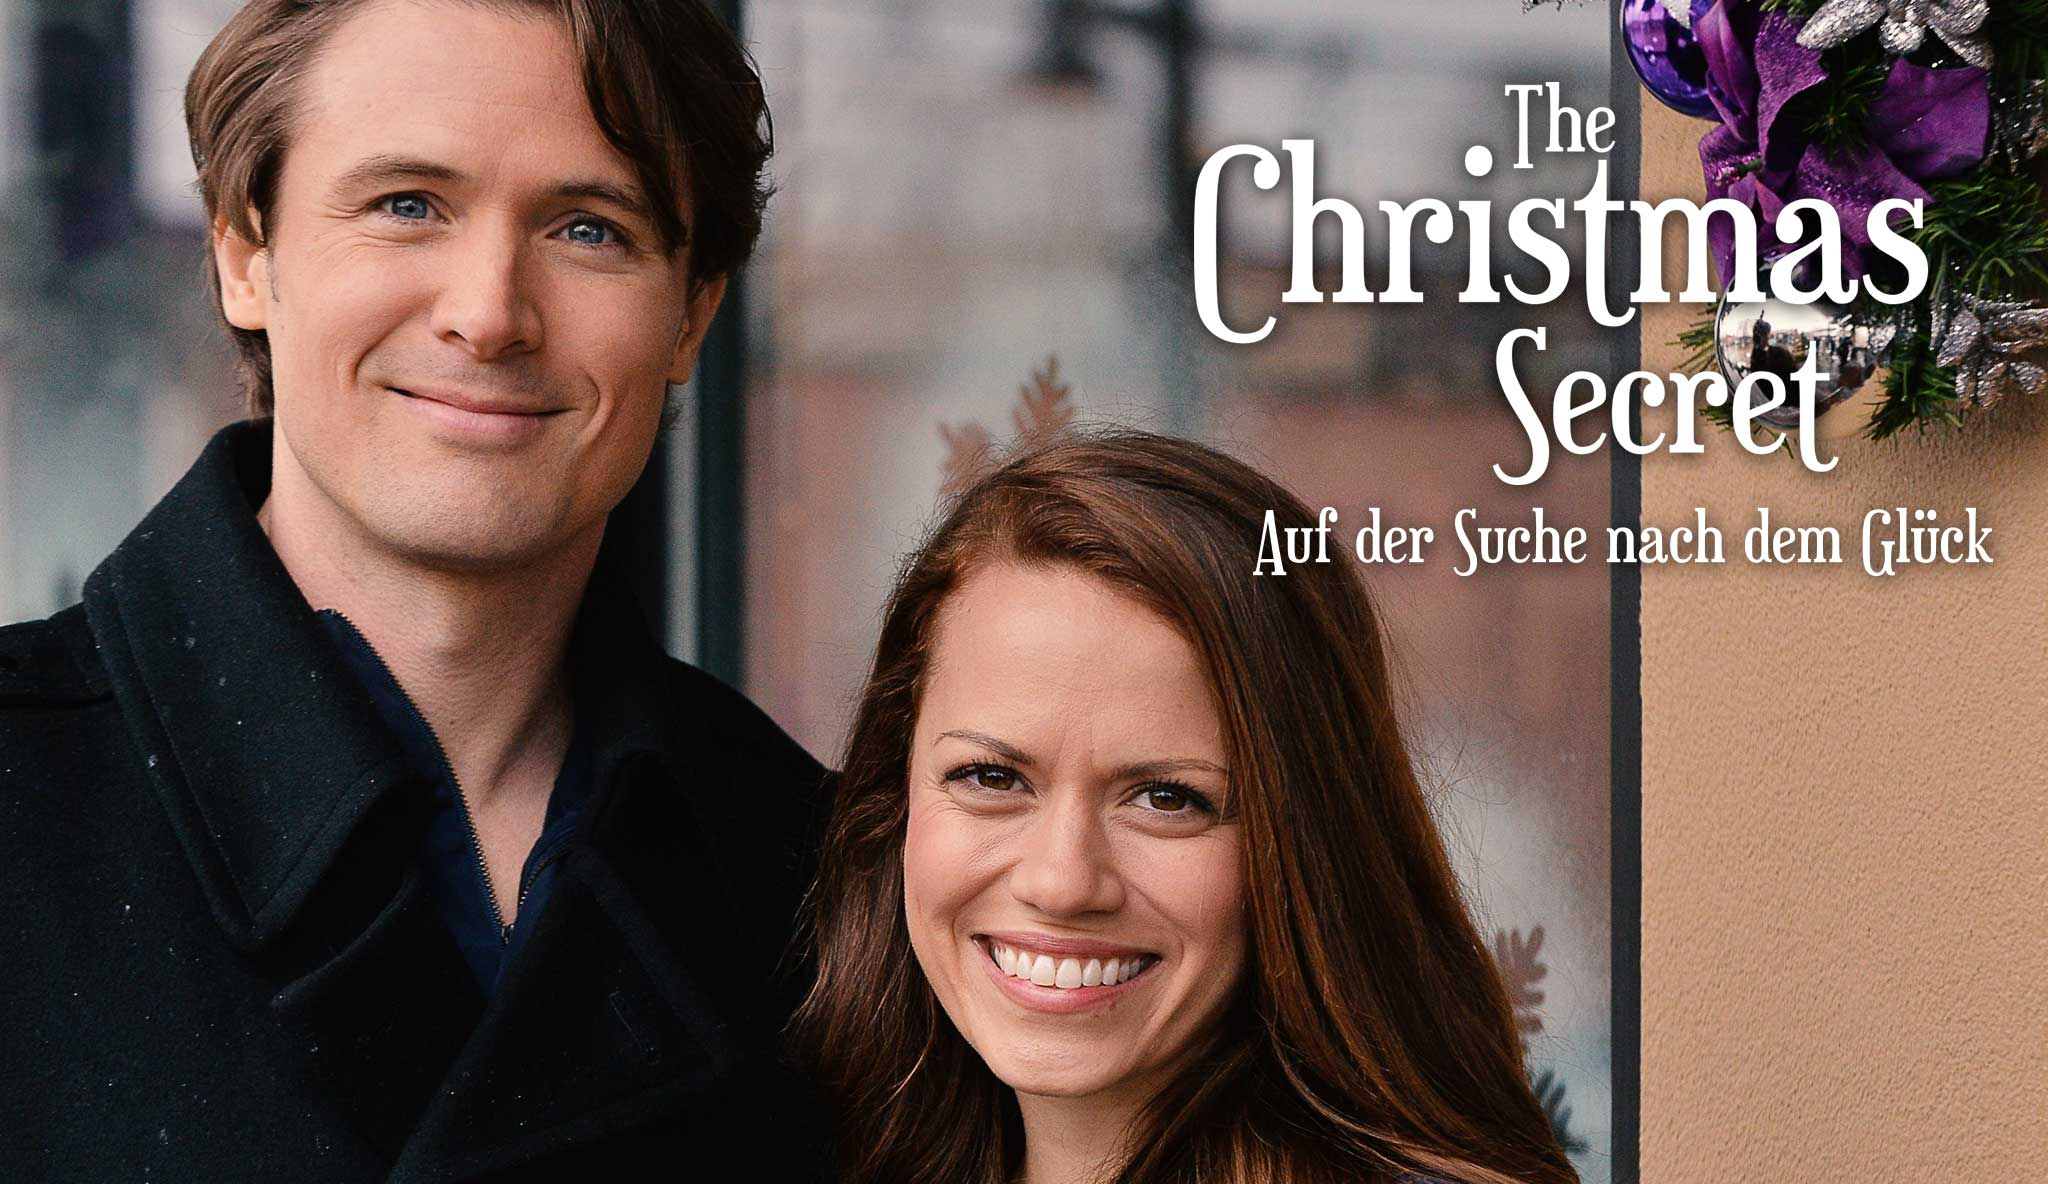 the-christmas-secret-auf-der-suche-nach-dem-gluck\header.jpg